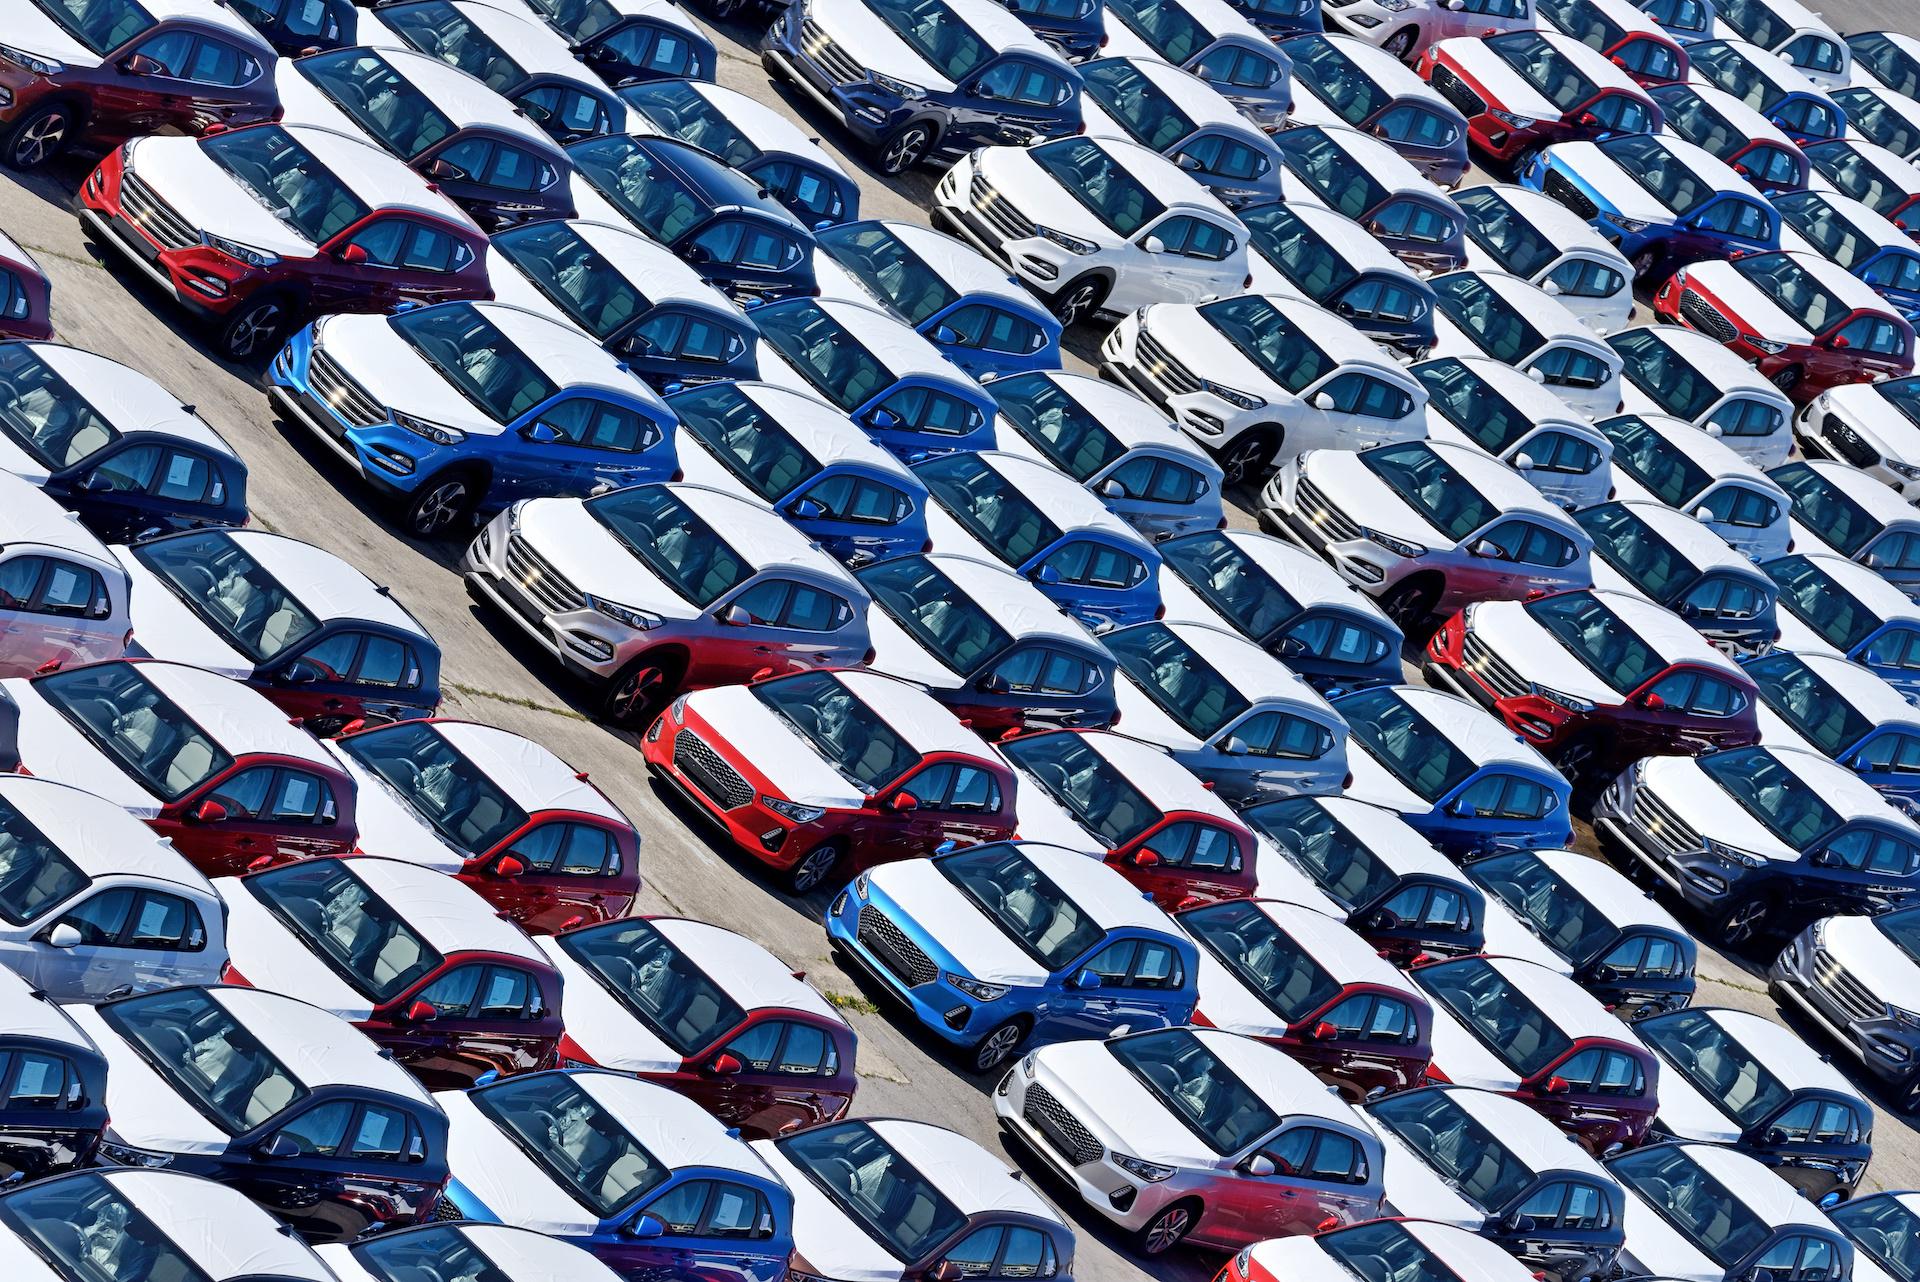 provozování odstavné plochy vozidel